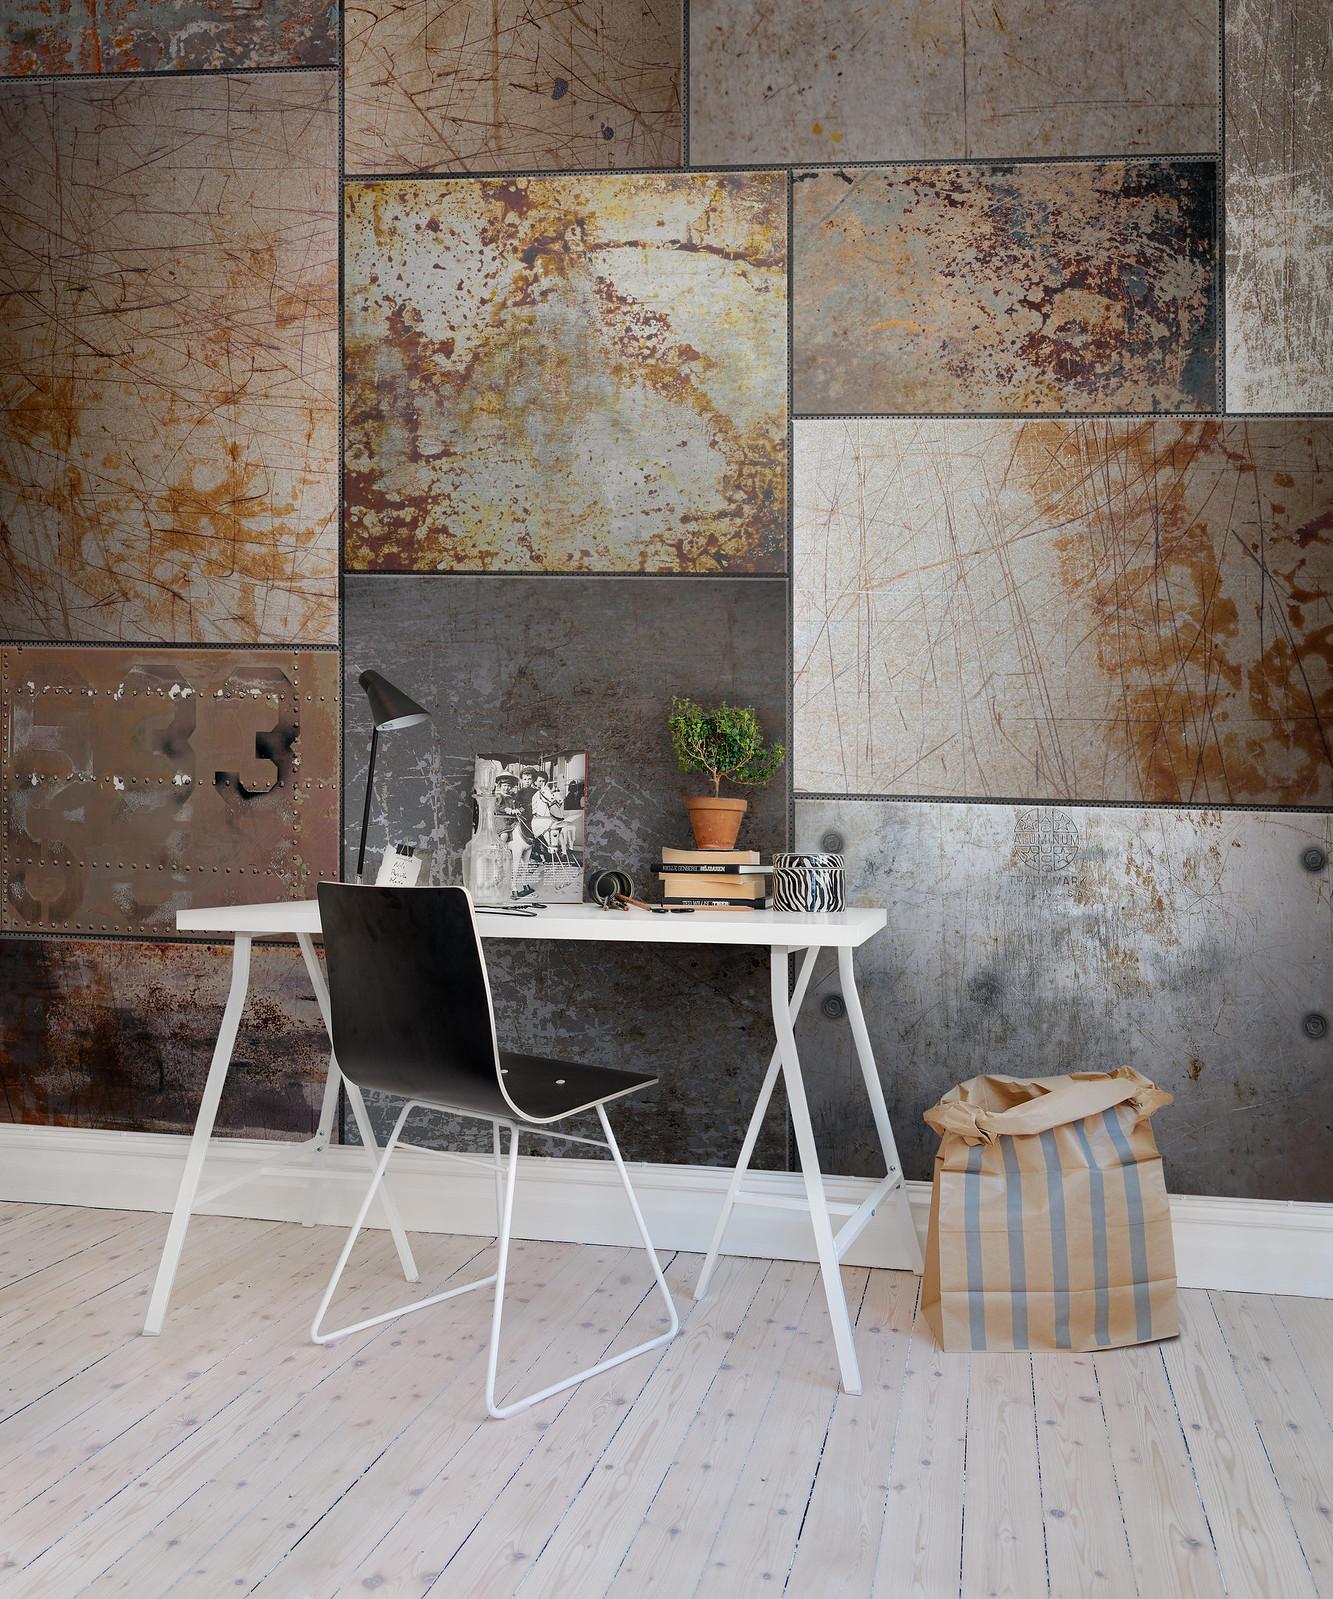 原來壁紙可以打造出這麼多種居家風格 – REBEL WALLS